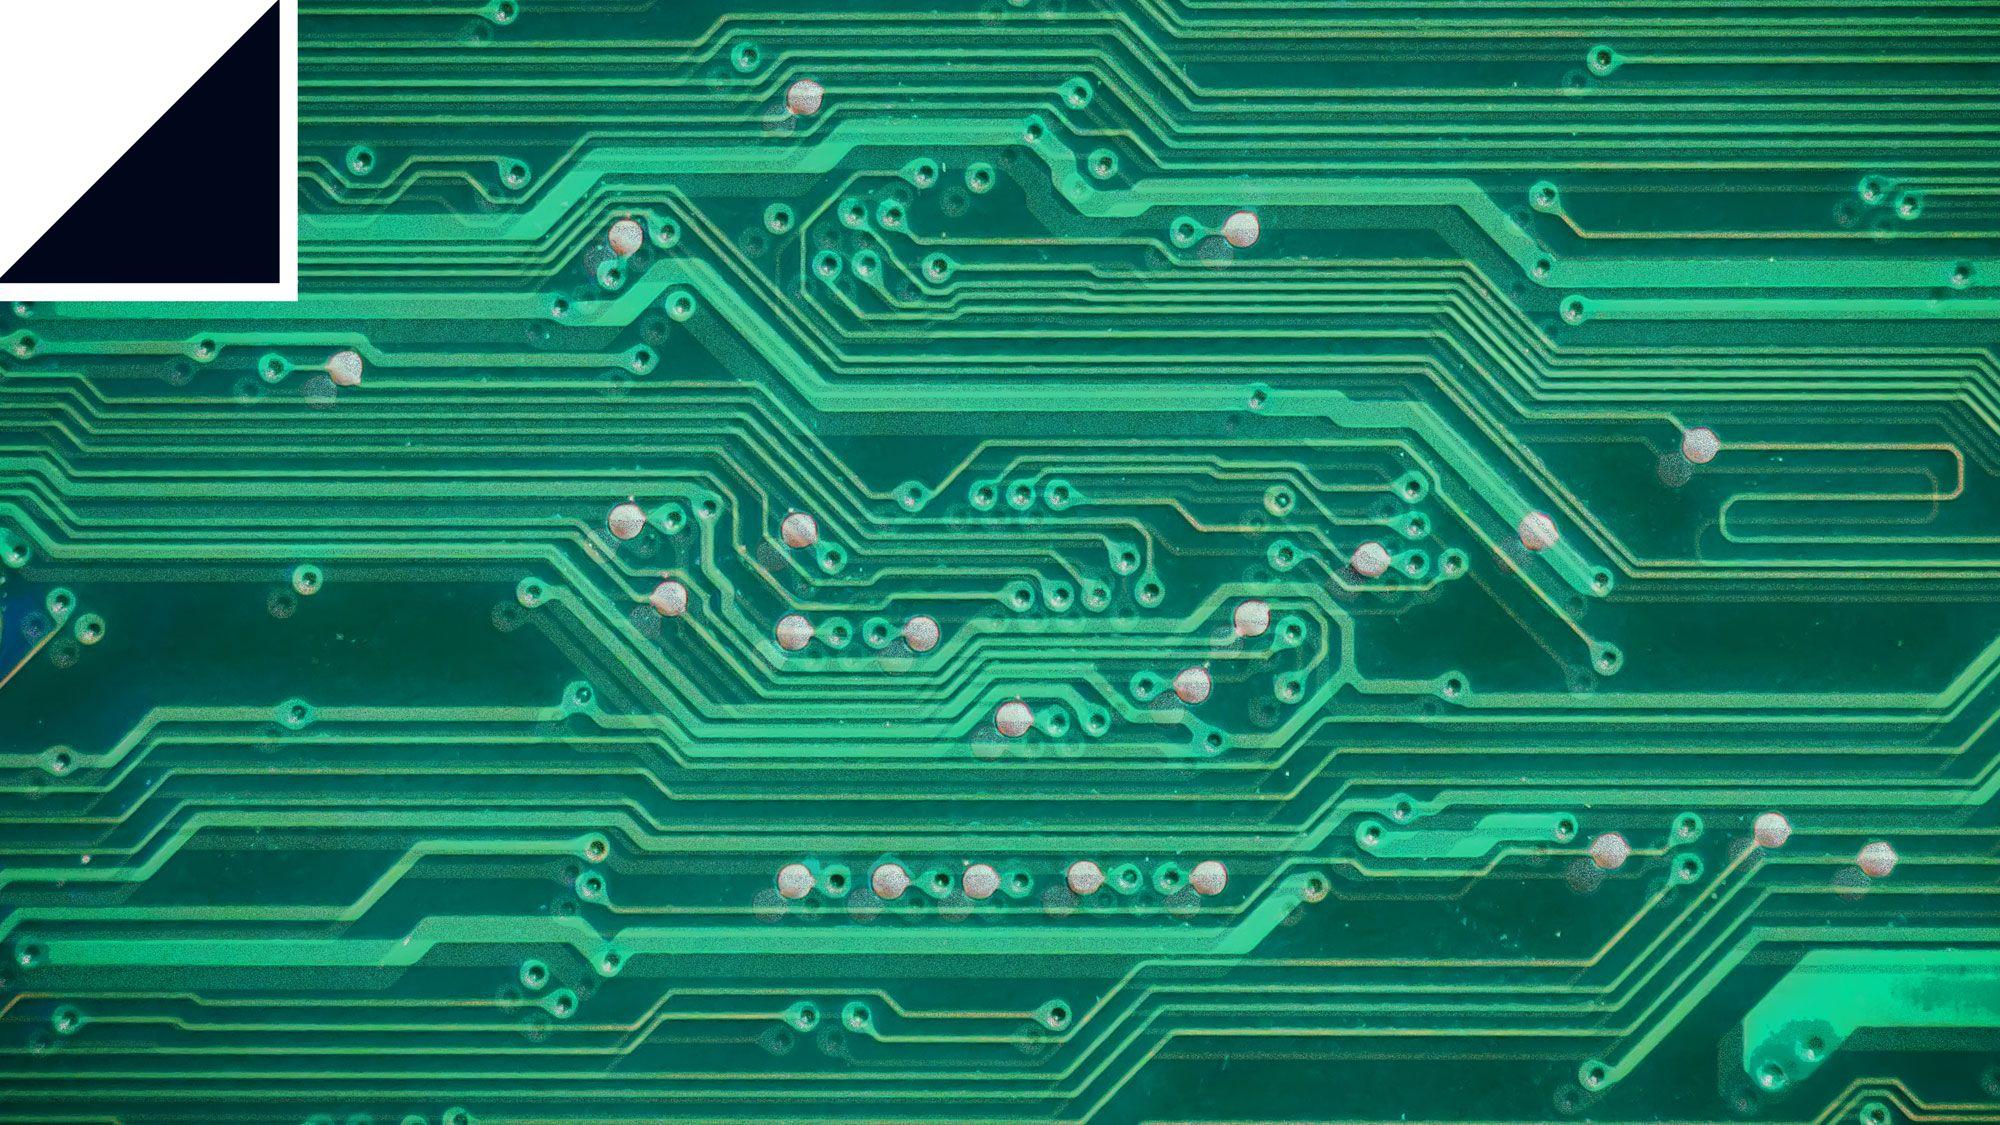 チップの脆弱性はソフトウェアでは塞げない、グーグル研究チーム